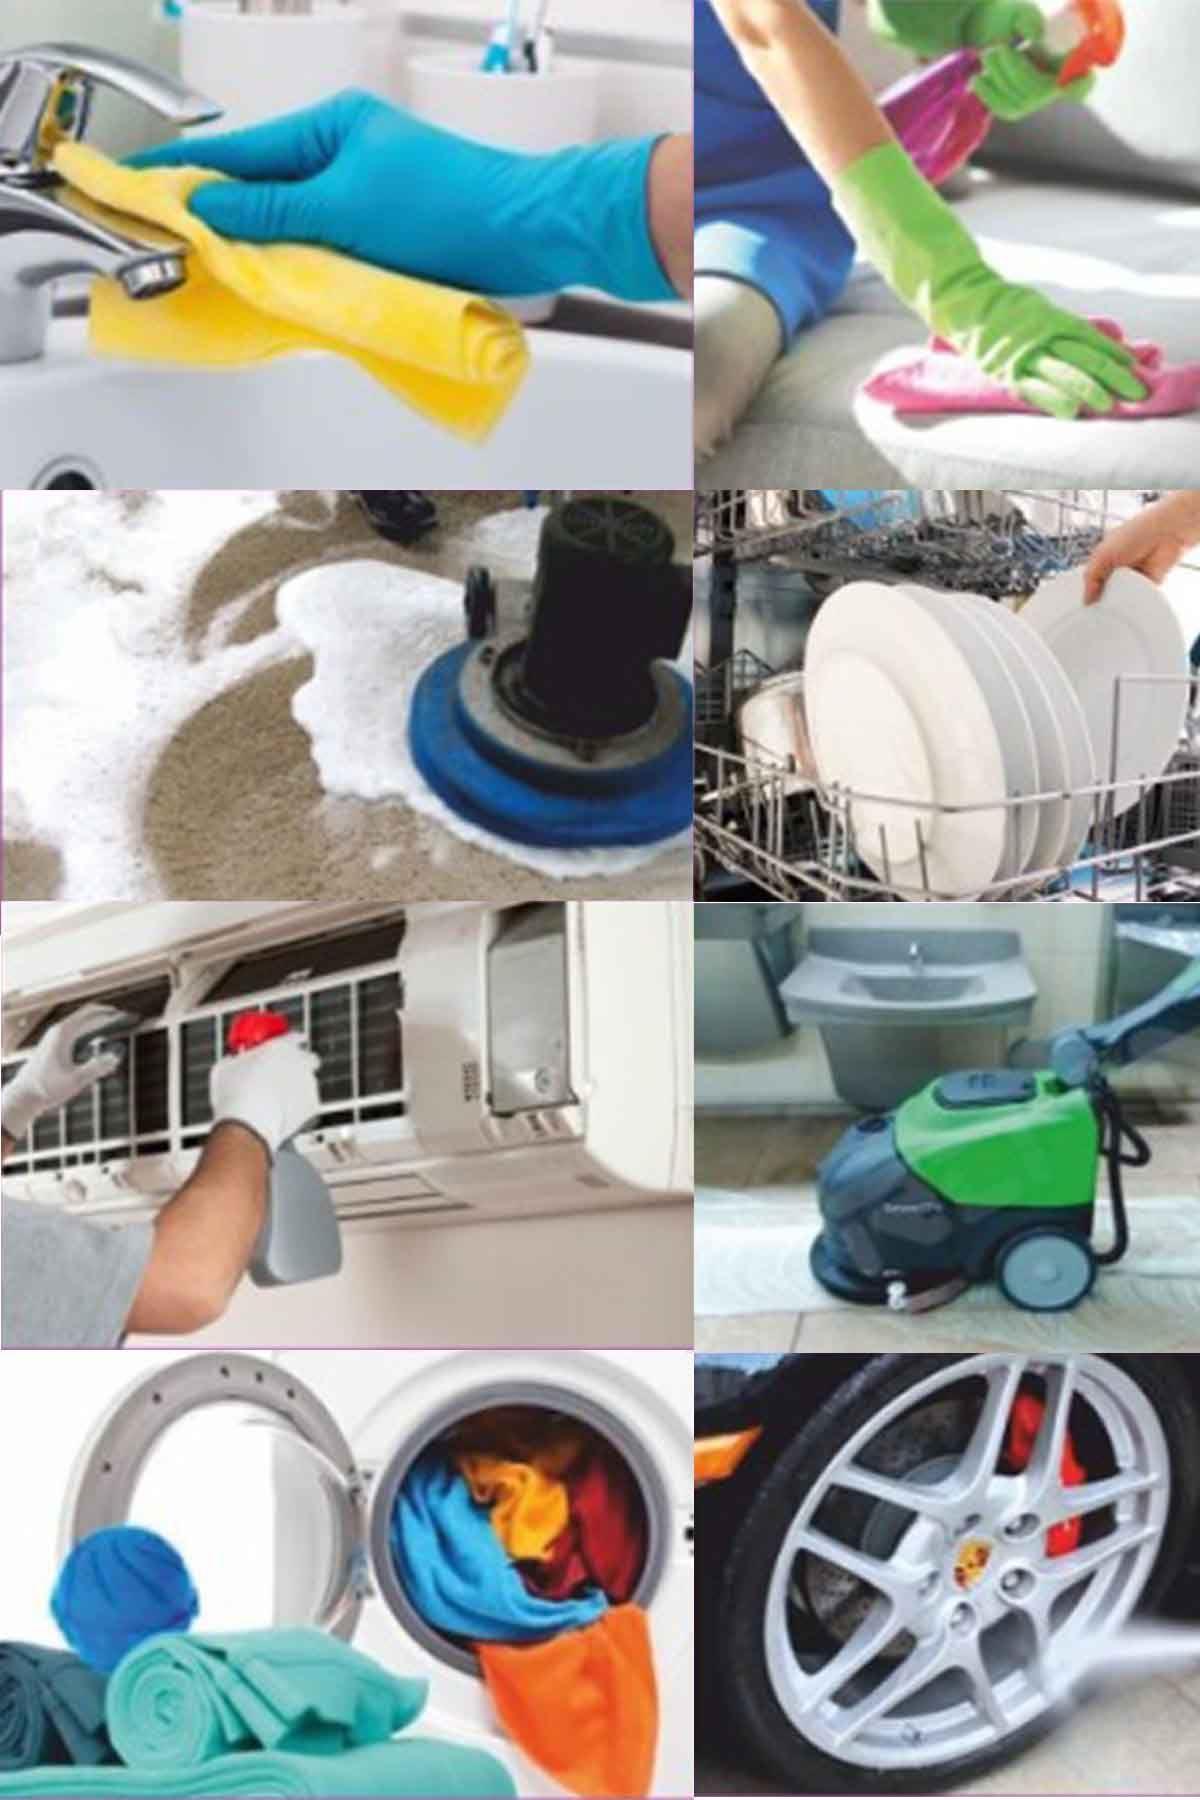 SMX Gold Nano Genel Amaçlı Temizleyici / Banyo Temizleyici / Fayans Temizleyici / Derz Temizleyici / EV TEMİZLİK SETİ